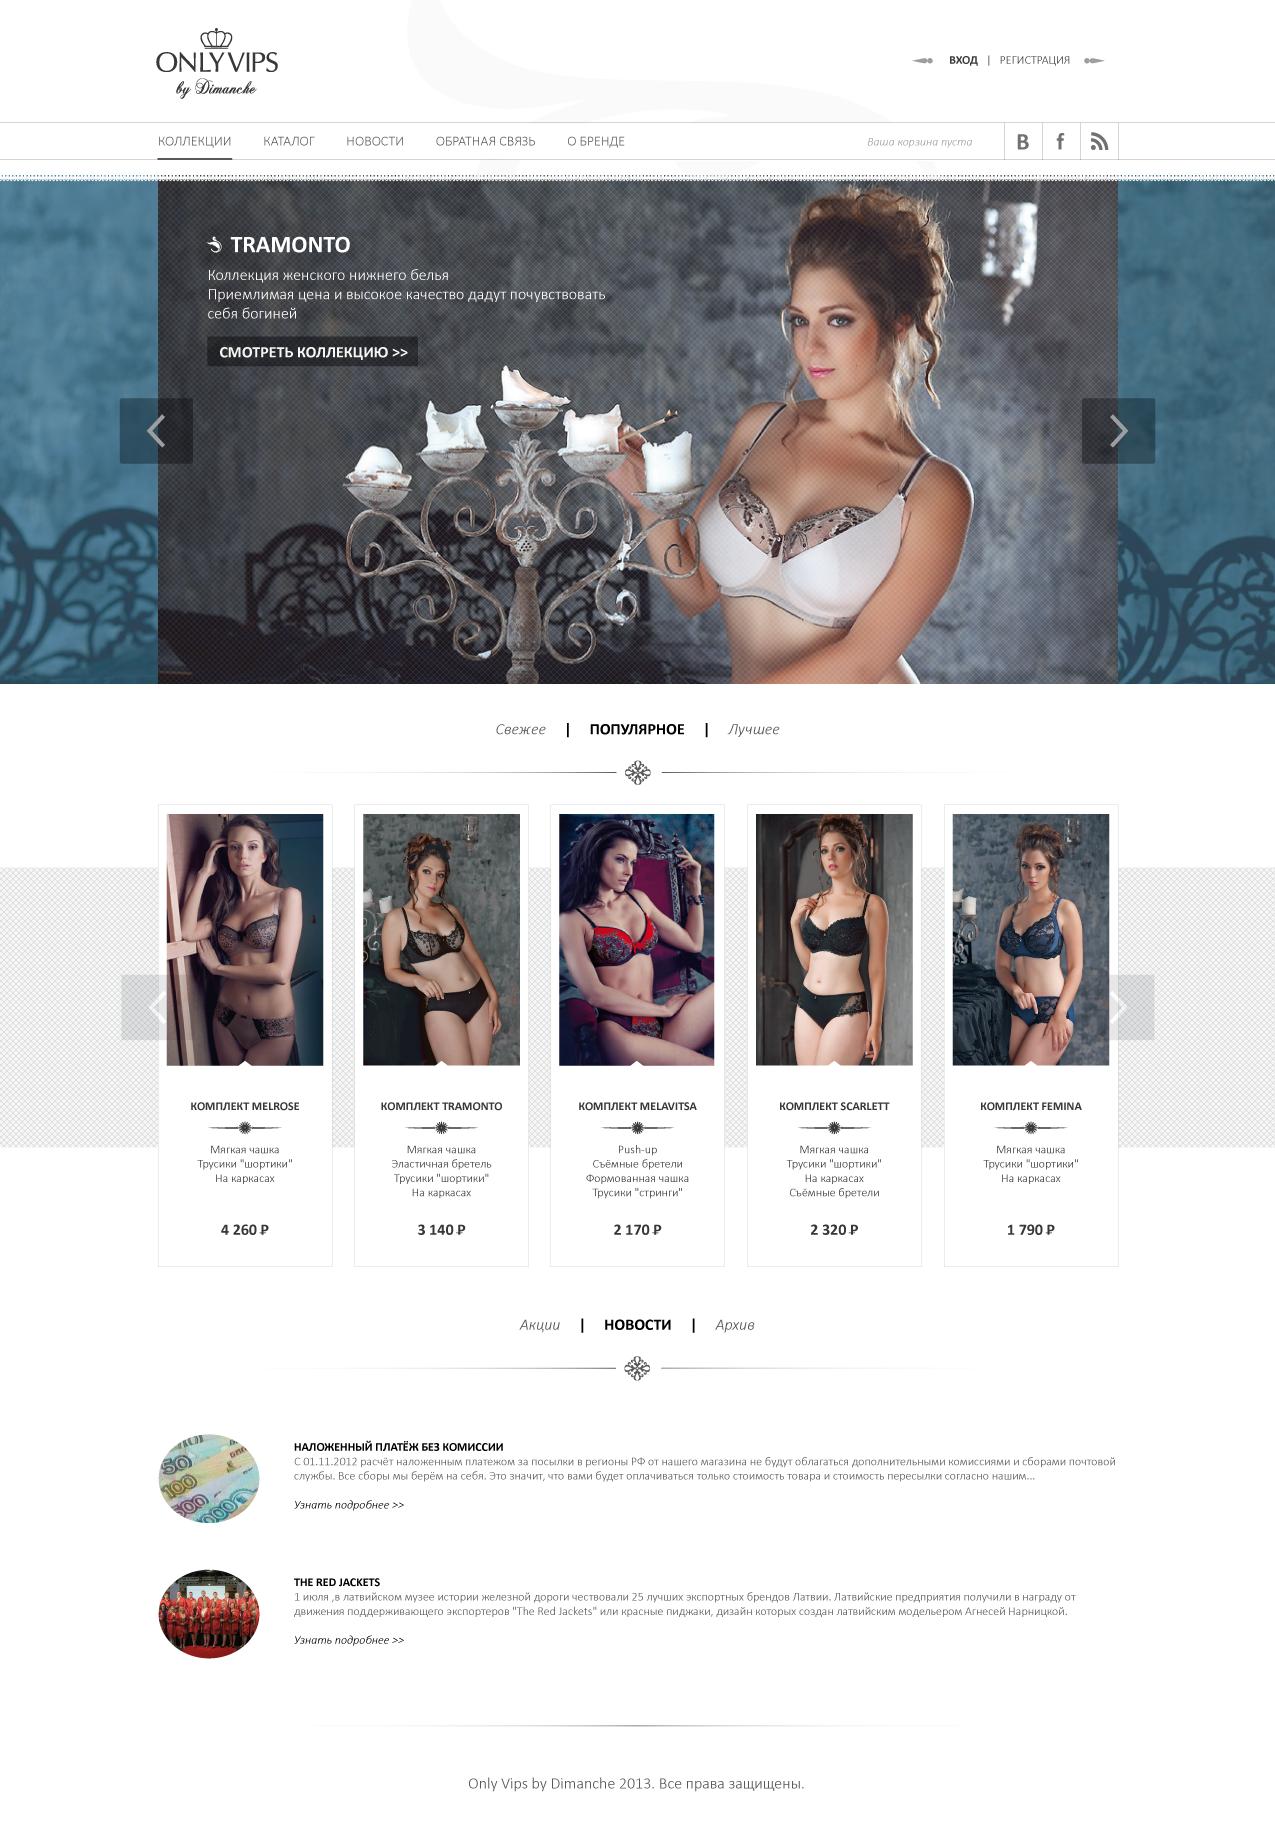 Разработка главной страницы для бренда жен. нижнего белья фото f_46552687c7d89f8a.png